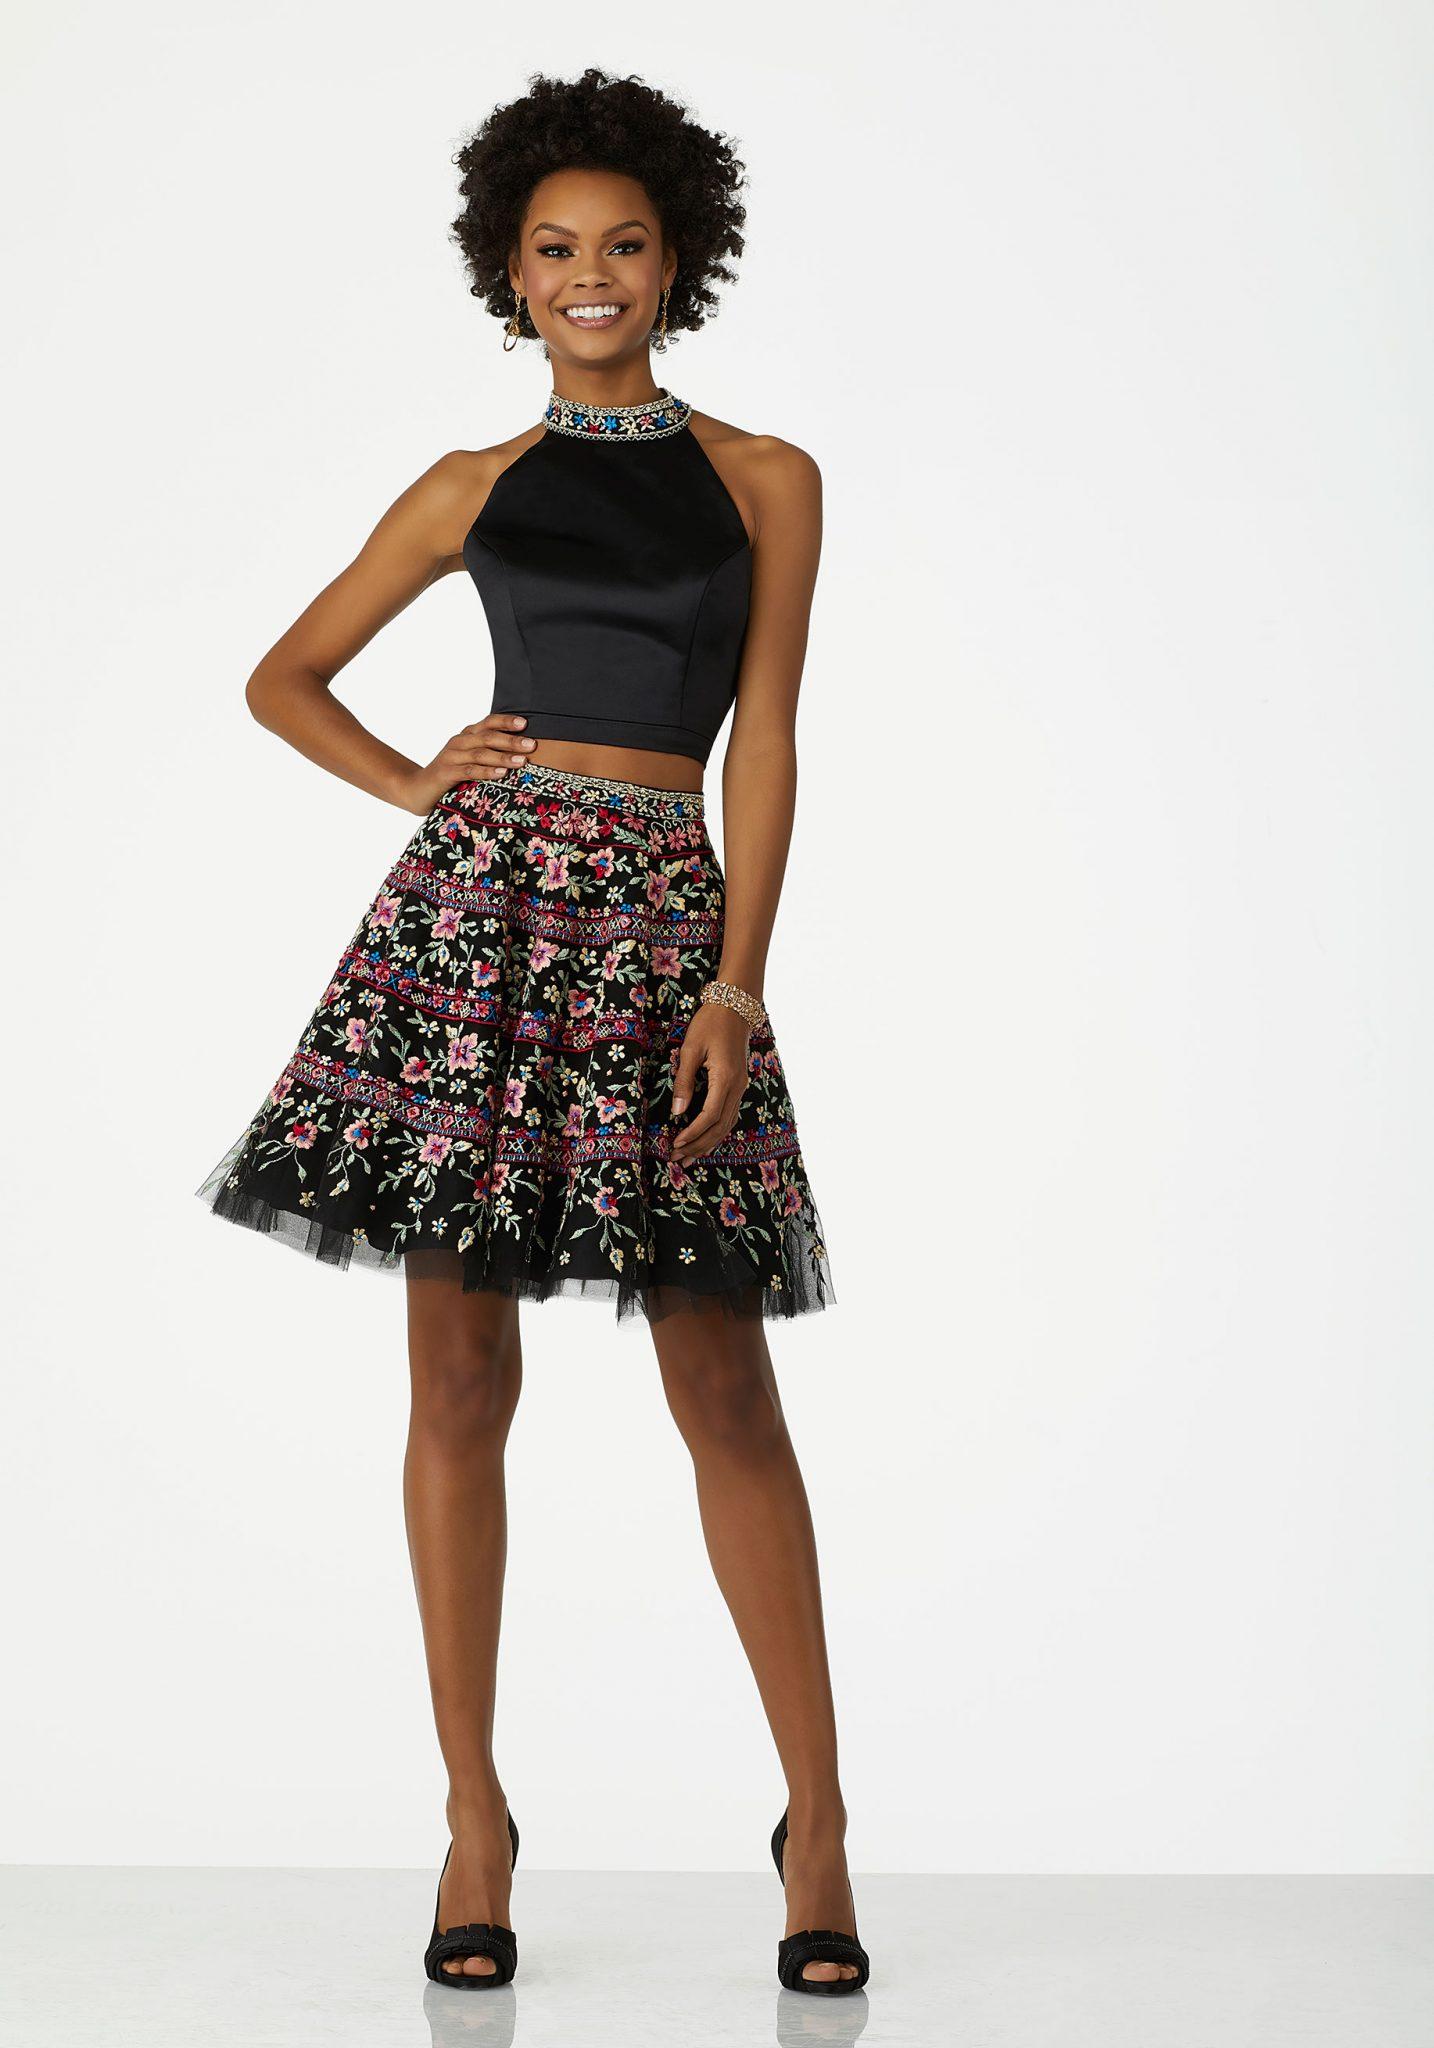 2020 Abiye Elbise Kısa Abiye Modelleri Siyah Halter Yaka İki Parça Tül Etek Nakış İşlemeli